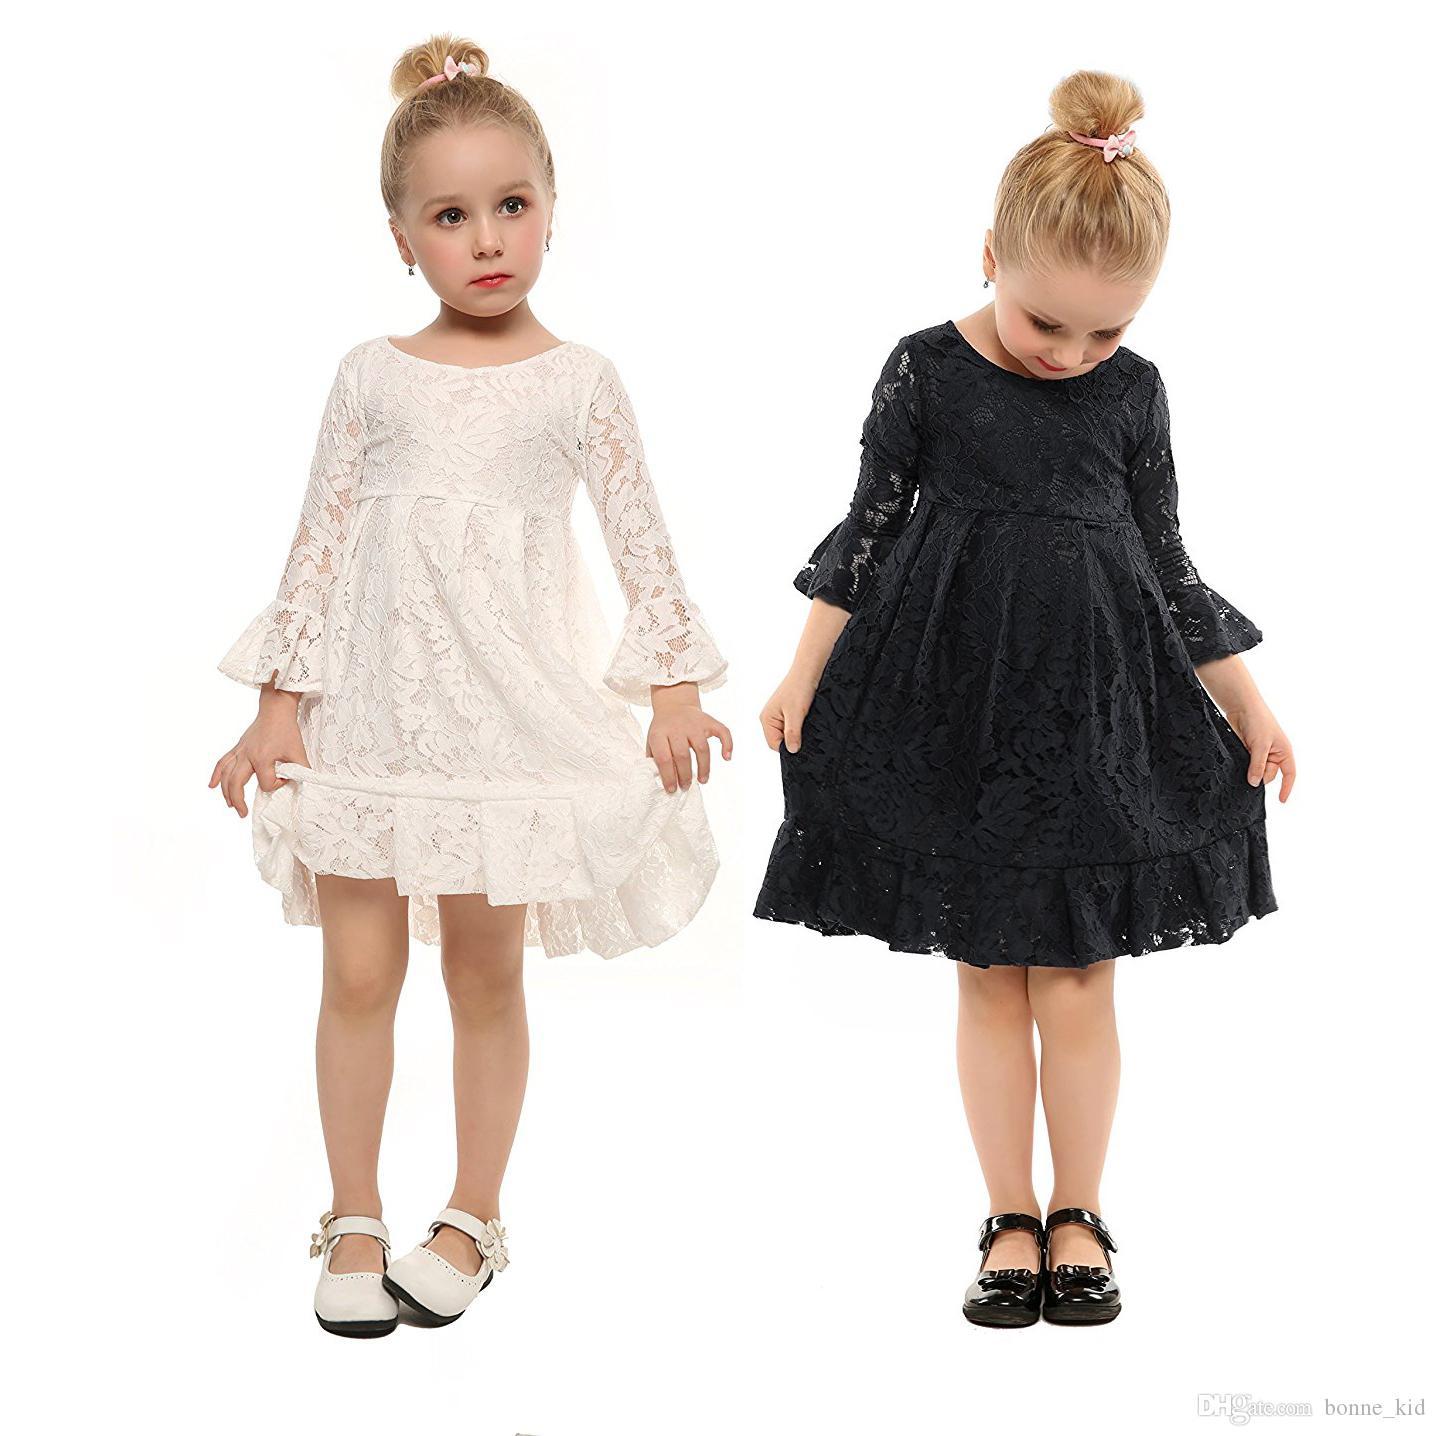 4a251d46f Compre Niños Niñas Boda Vestido De Flores Bautizo Vestidos De Encaje Niñas  Blanco Negro Princesa Floral Primavera Otoño Bebé Tutu Vestidos 3 12Y A  $13.76 ...